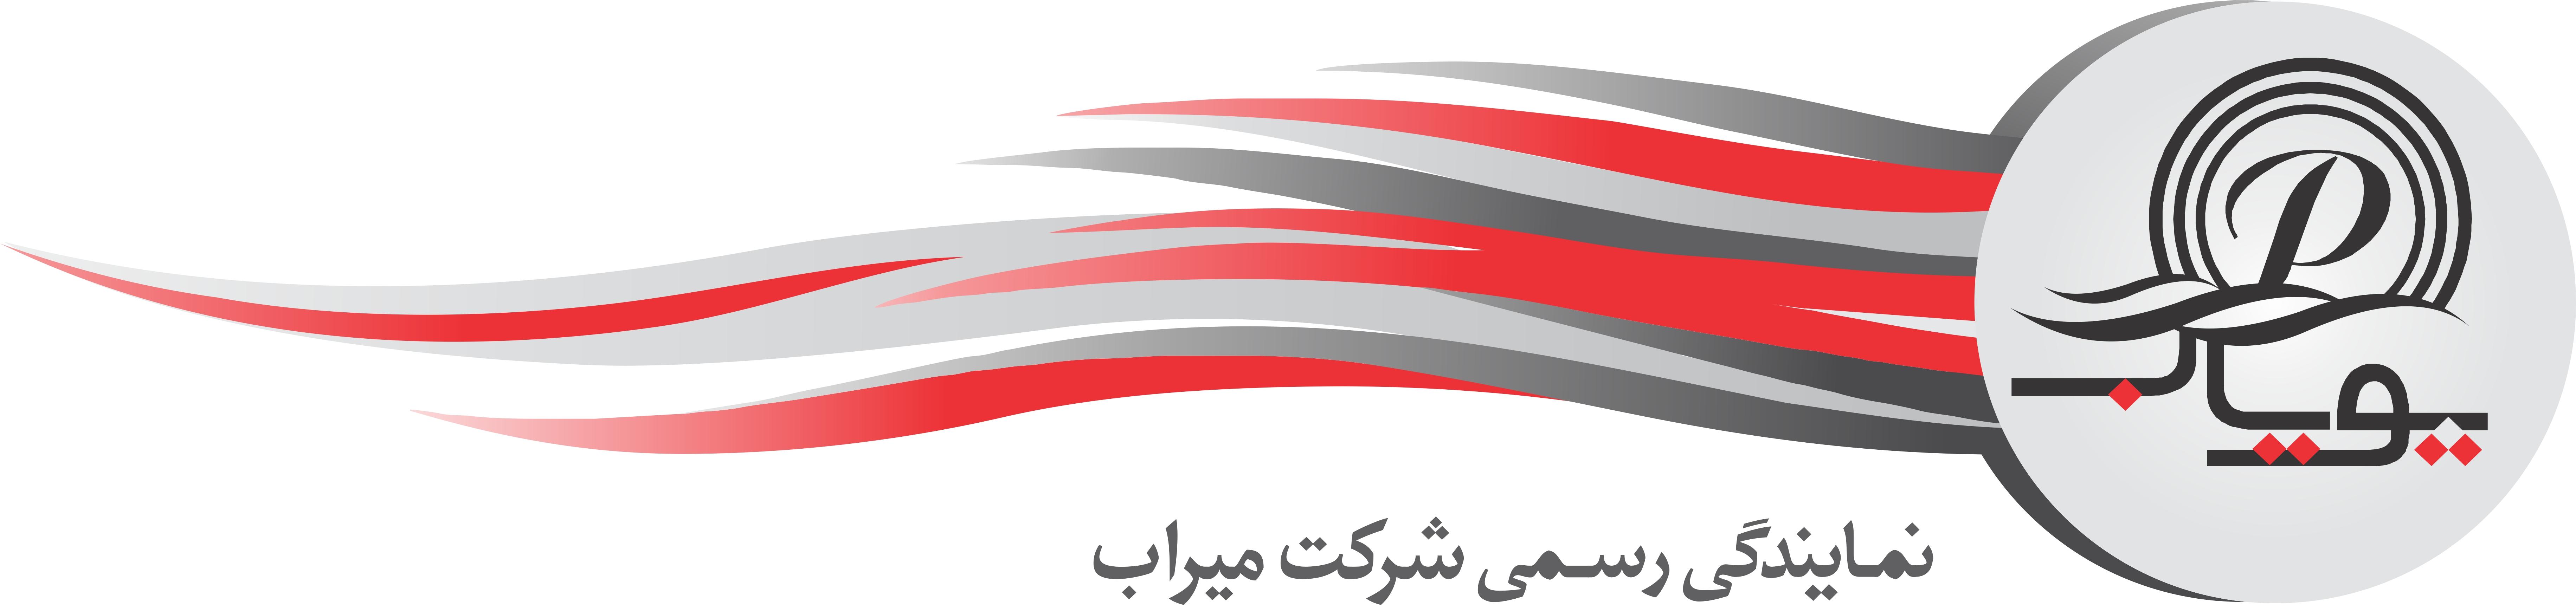 فروشگاه پویاب (نمایندگی رسمی شرکت میراب)